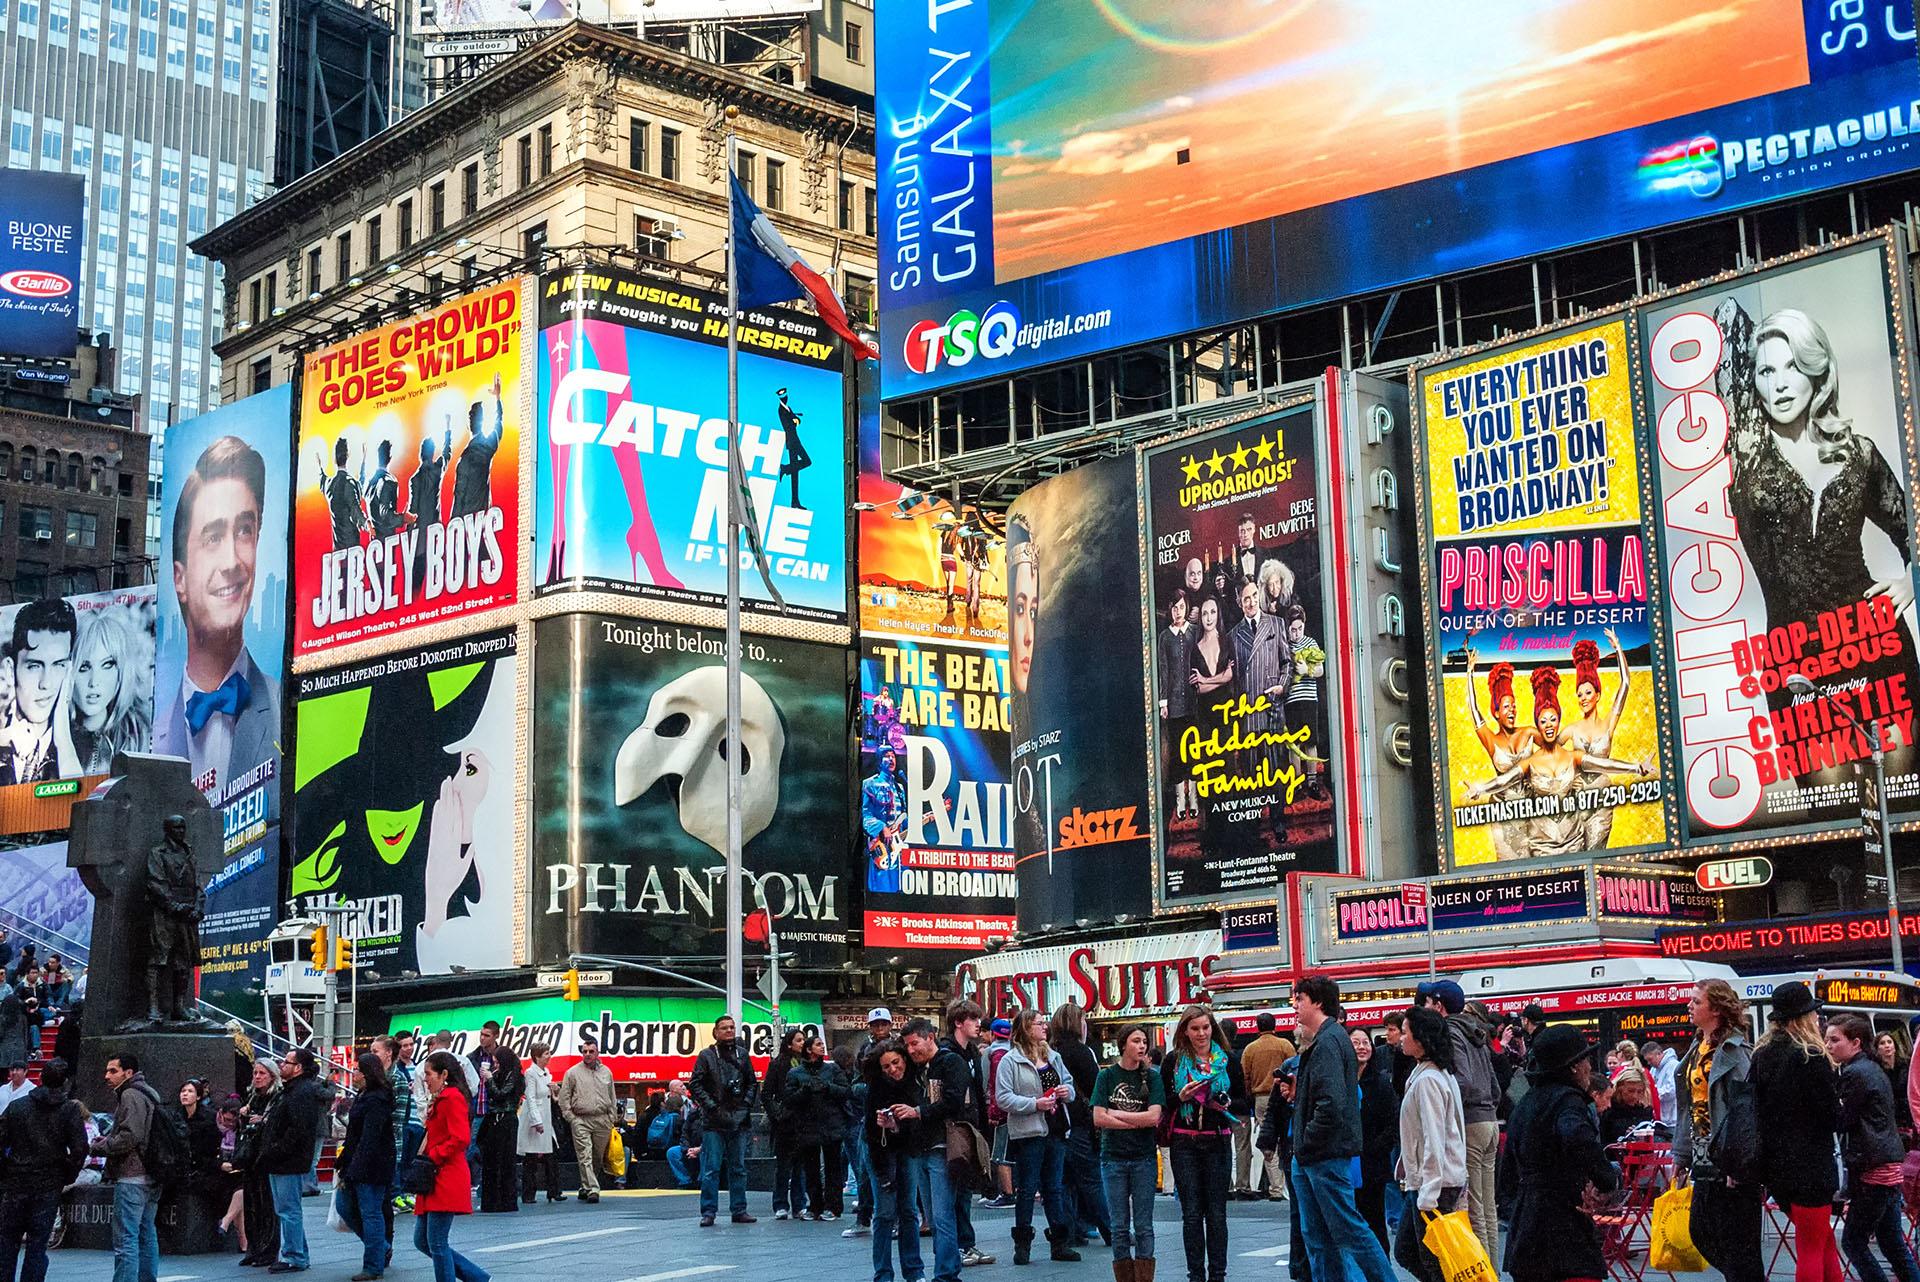 ANTES - Una multitud congregada en el Times Square, Nueva York (Shutterstock)